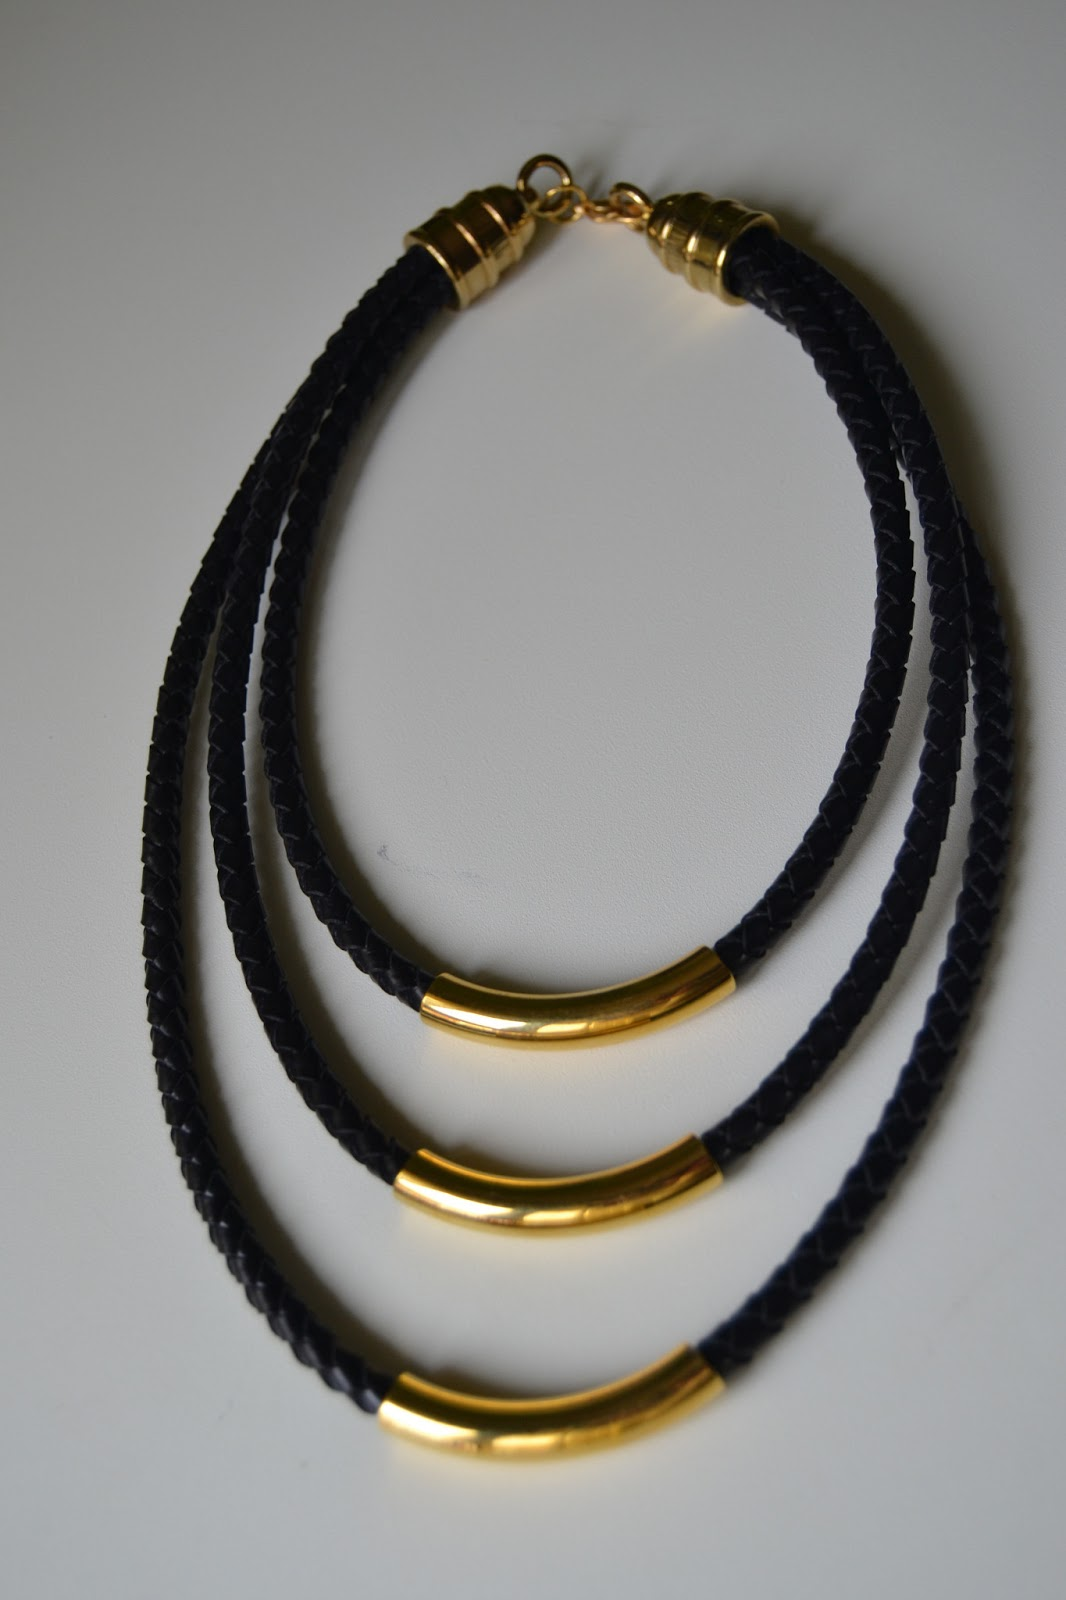 Elarca de noha collar de cuero trenzado y tubos dorados - Collares de cuero ...